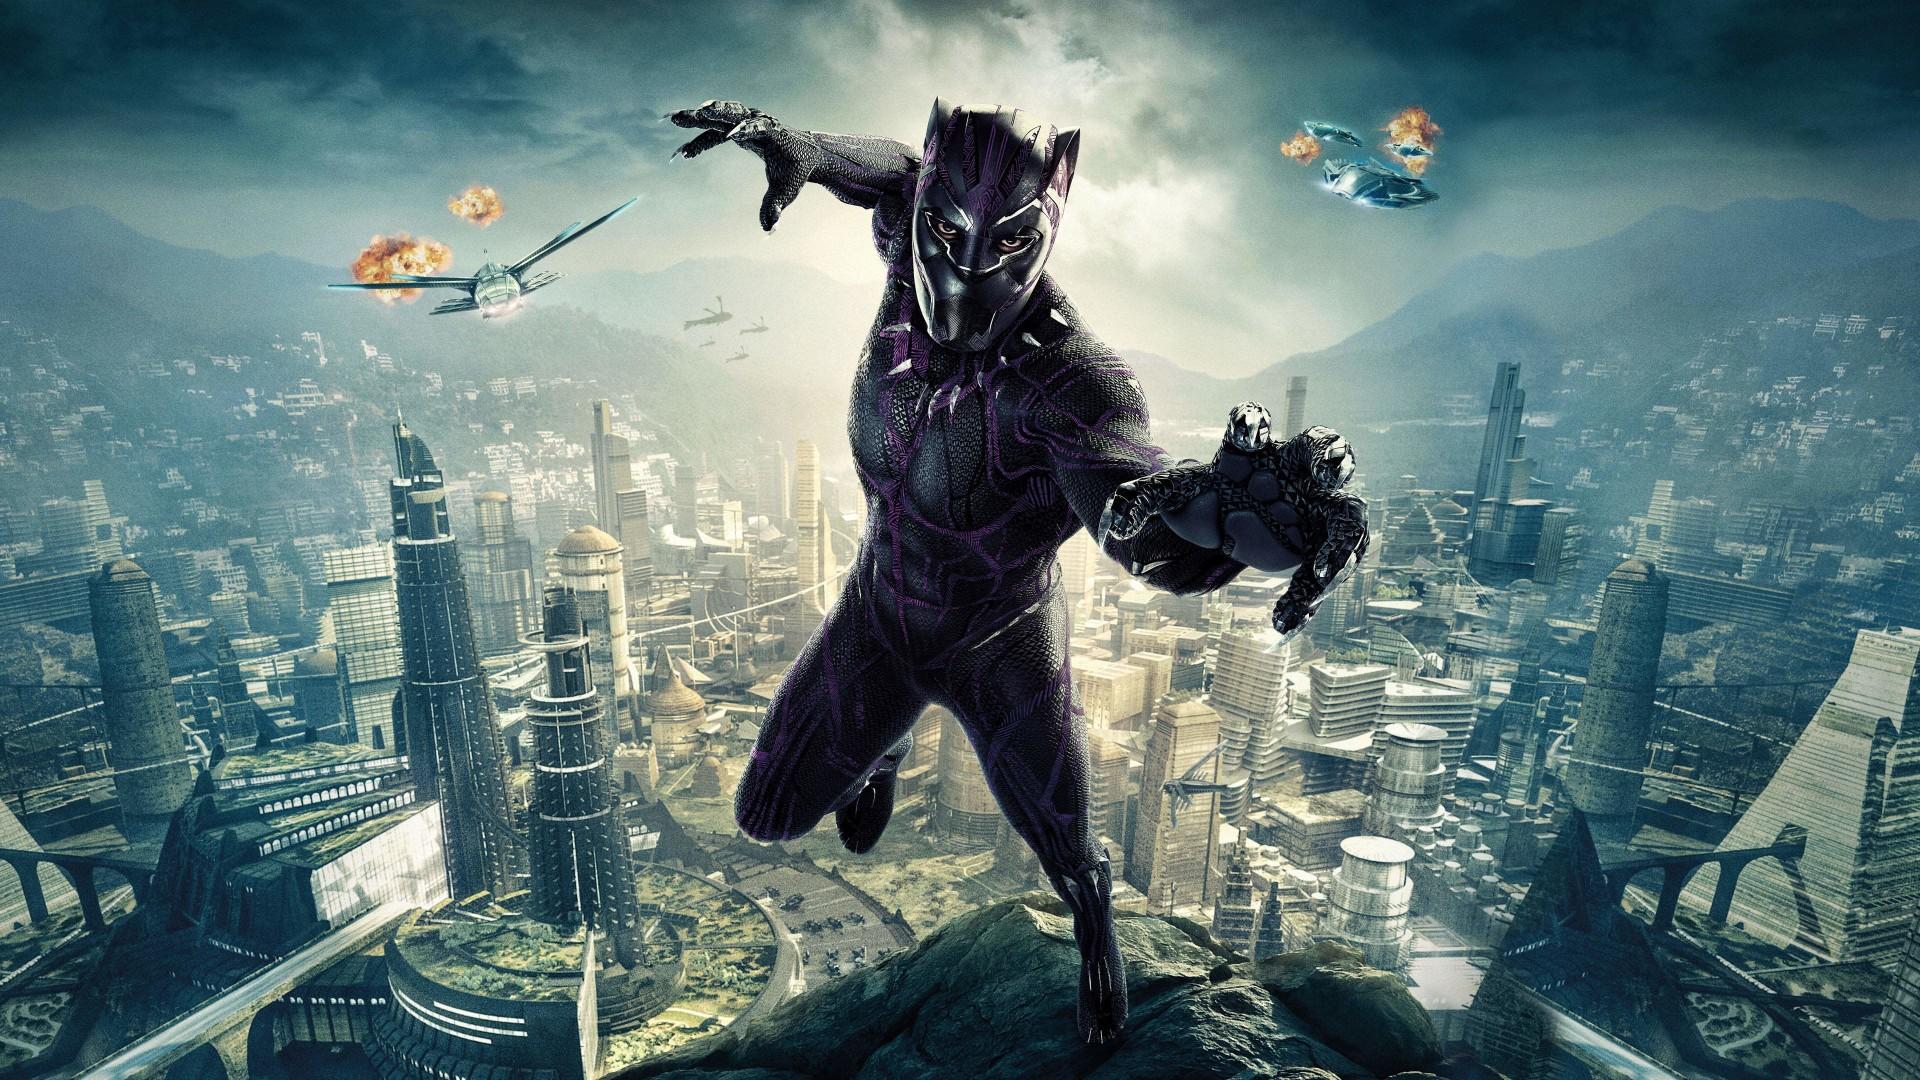 Marvel films Black Panther